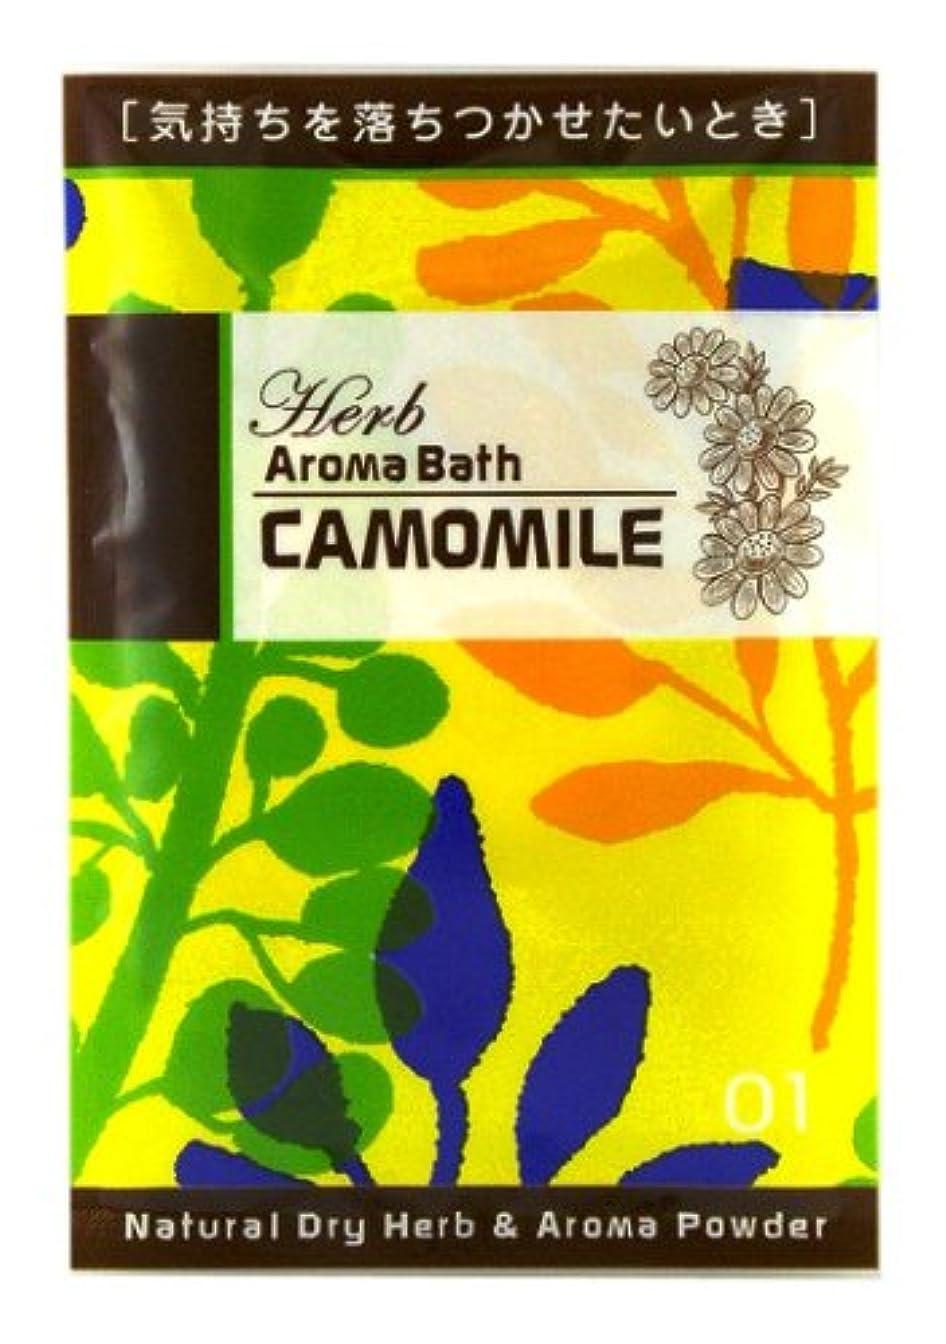 カセット残り物エゴマニアハーブアロマバス カモミール 12g